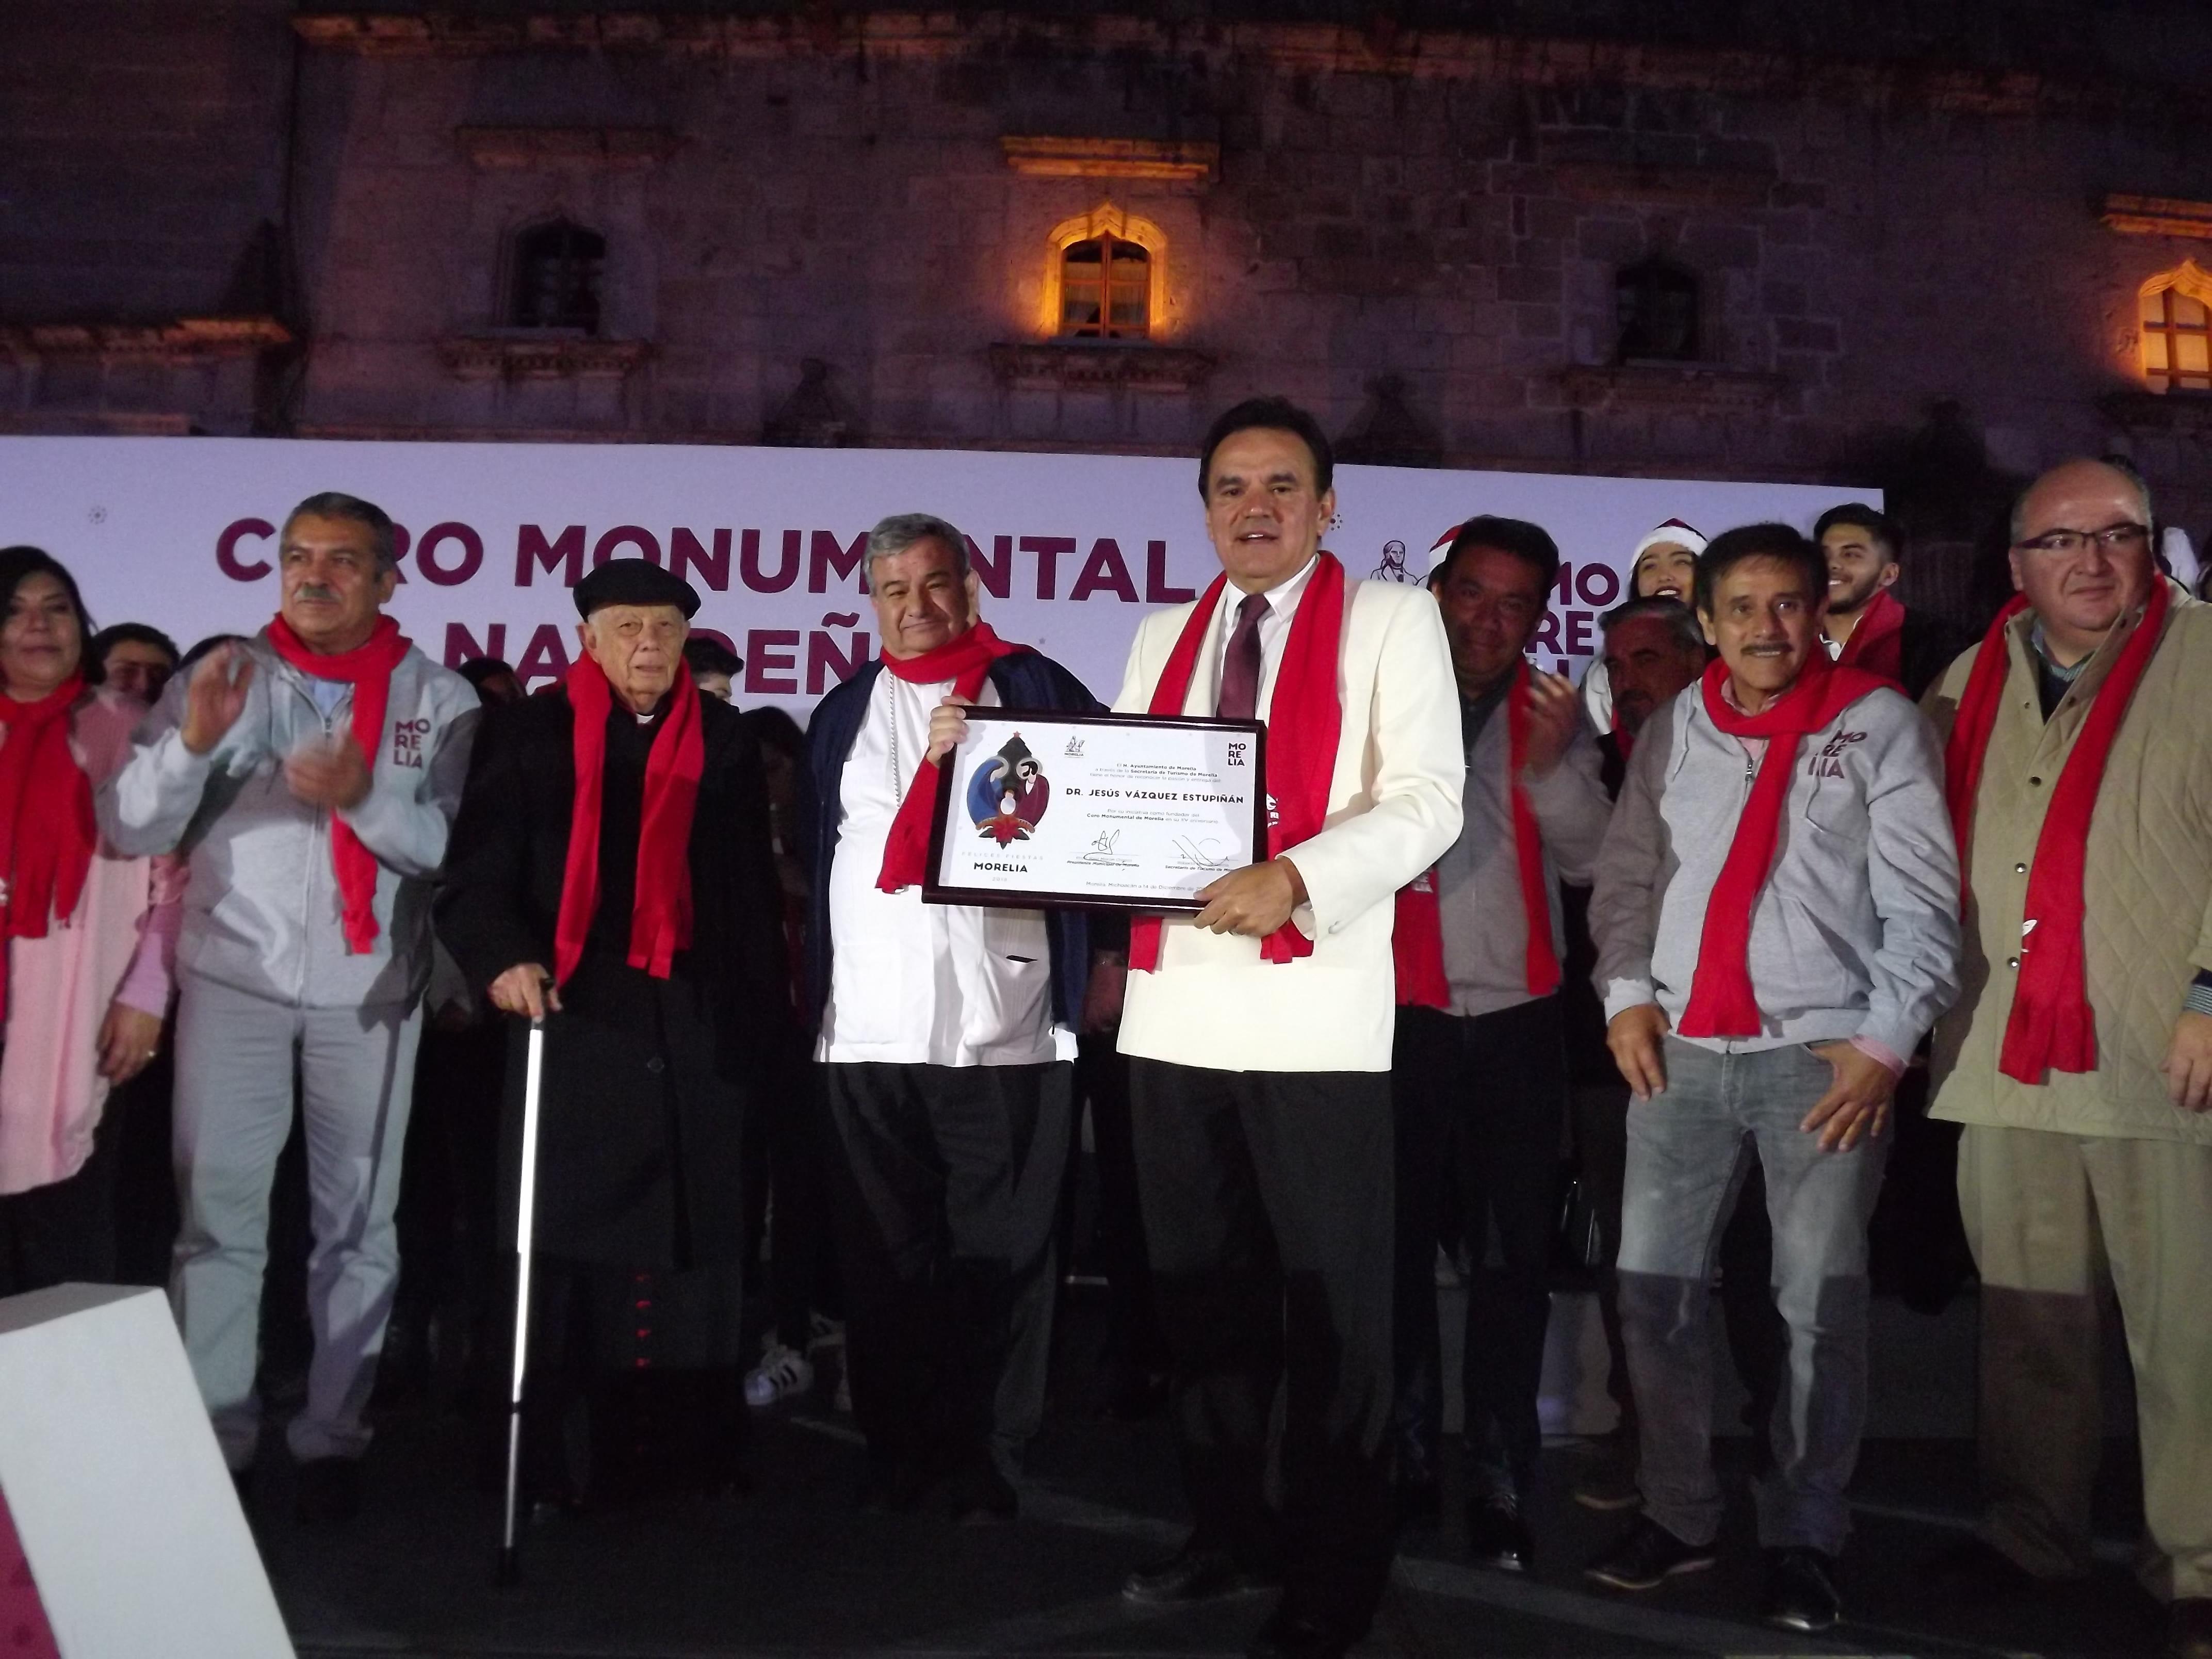 EMOTIVA PRESENTACIÓN DEL CORO MONUMENTAL NAVIDEÑO DE MORELIA